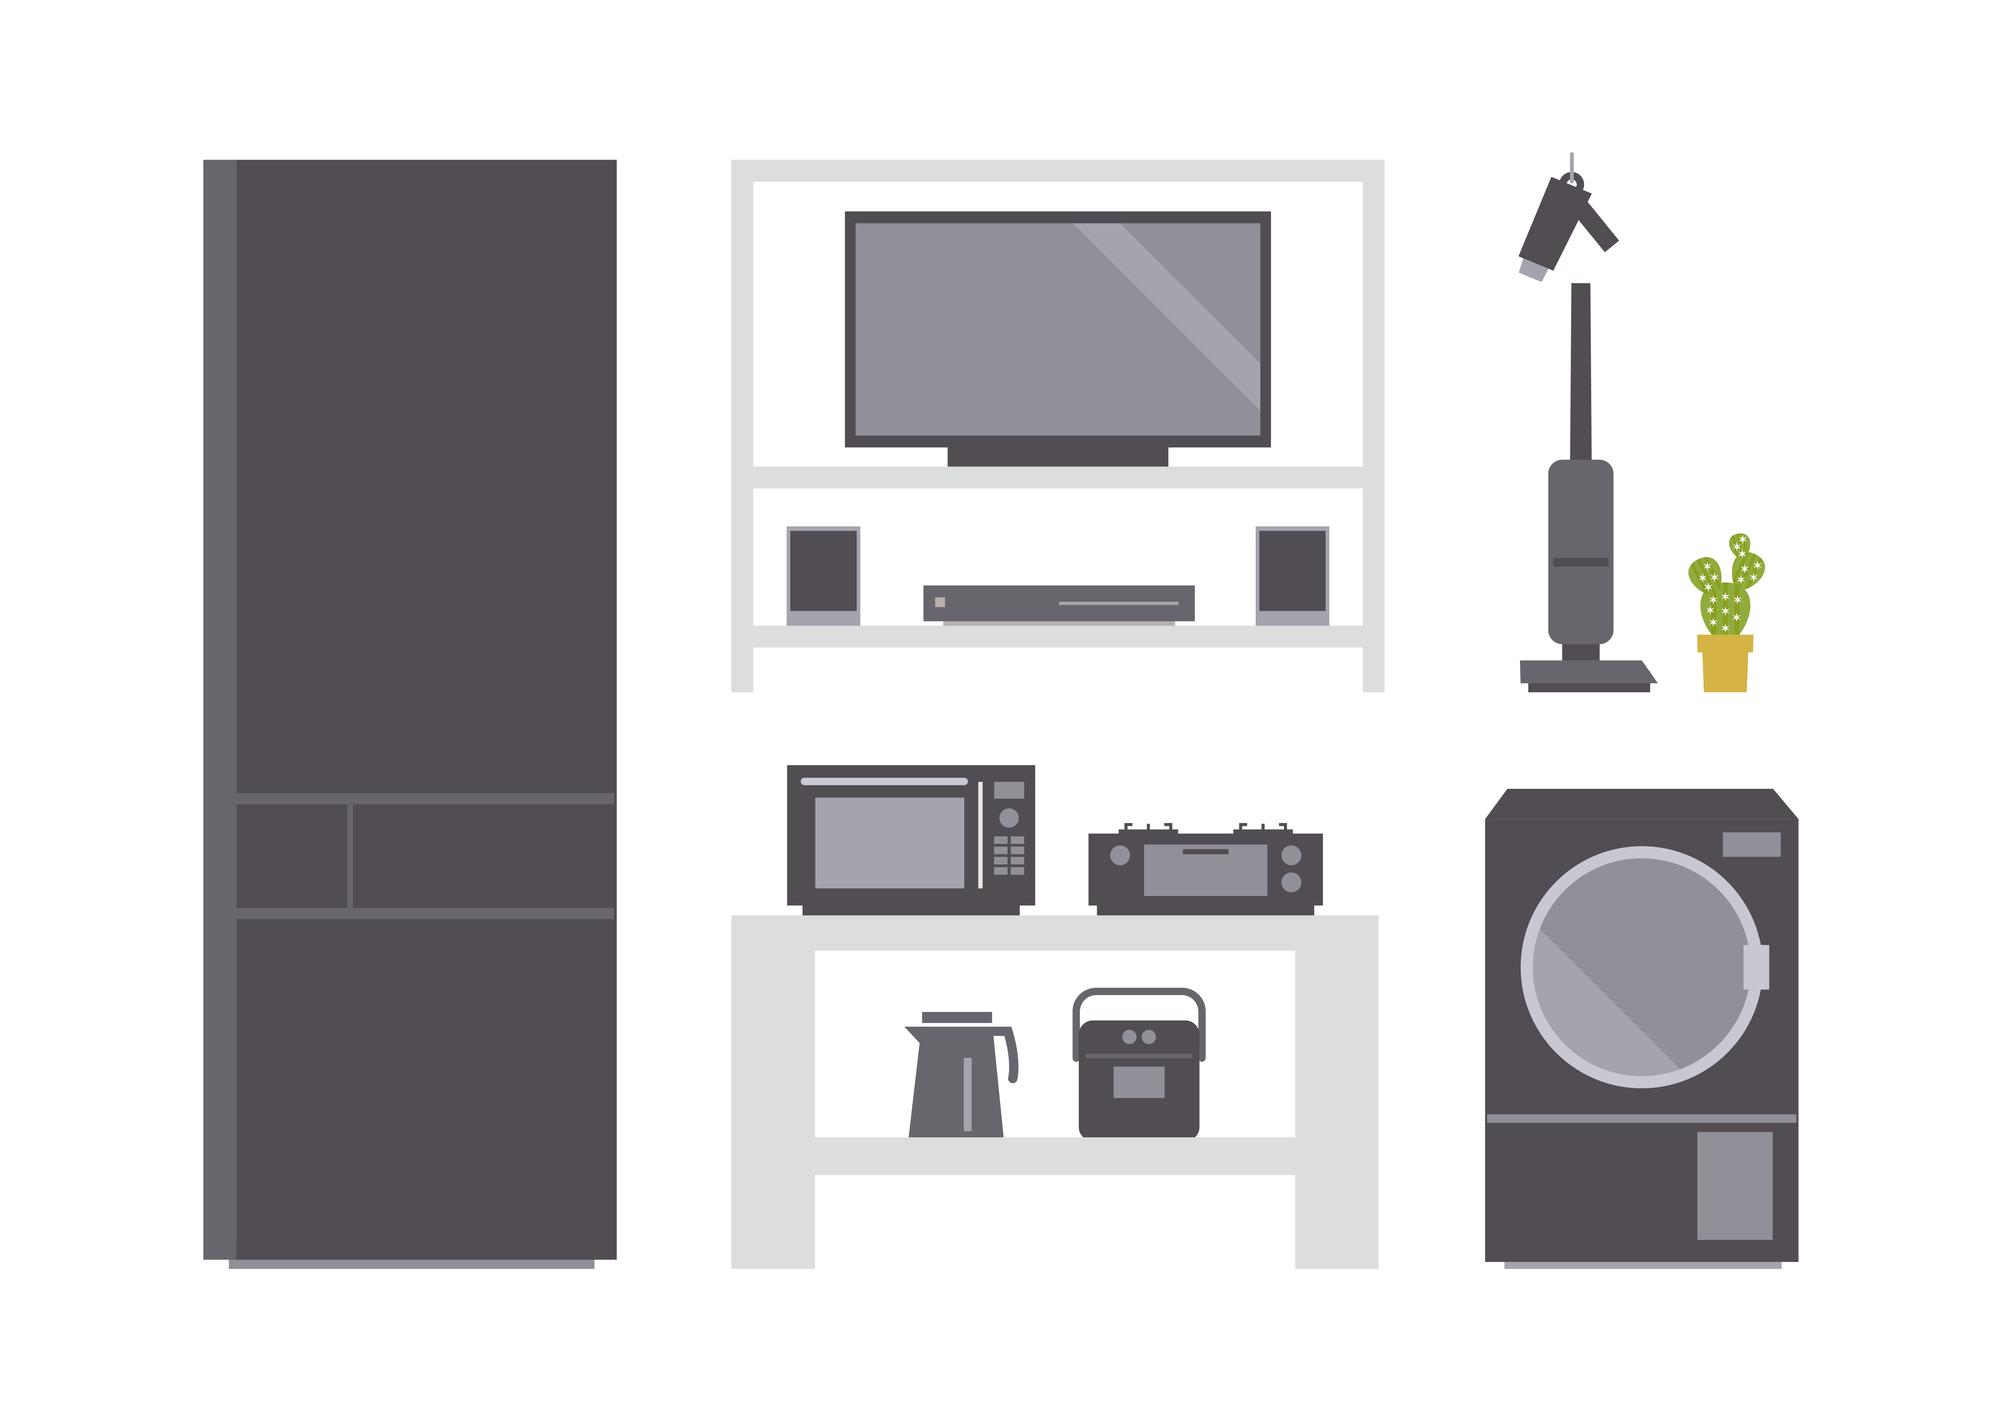 引越し時の電化製品の扱い方とは?梱包や処分方法を確認